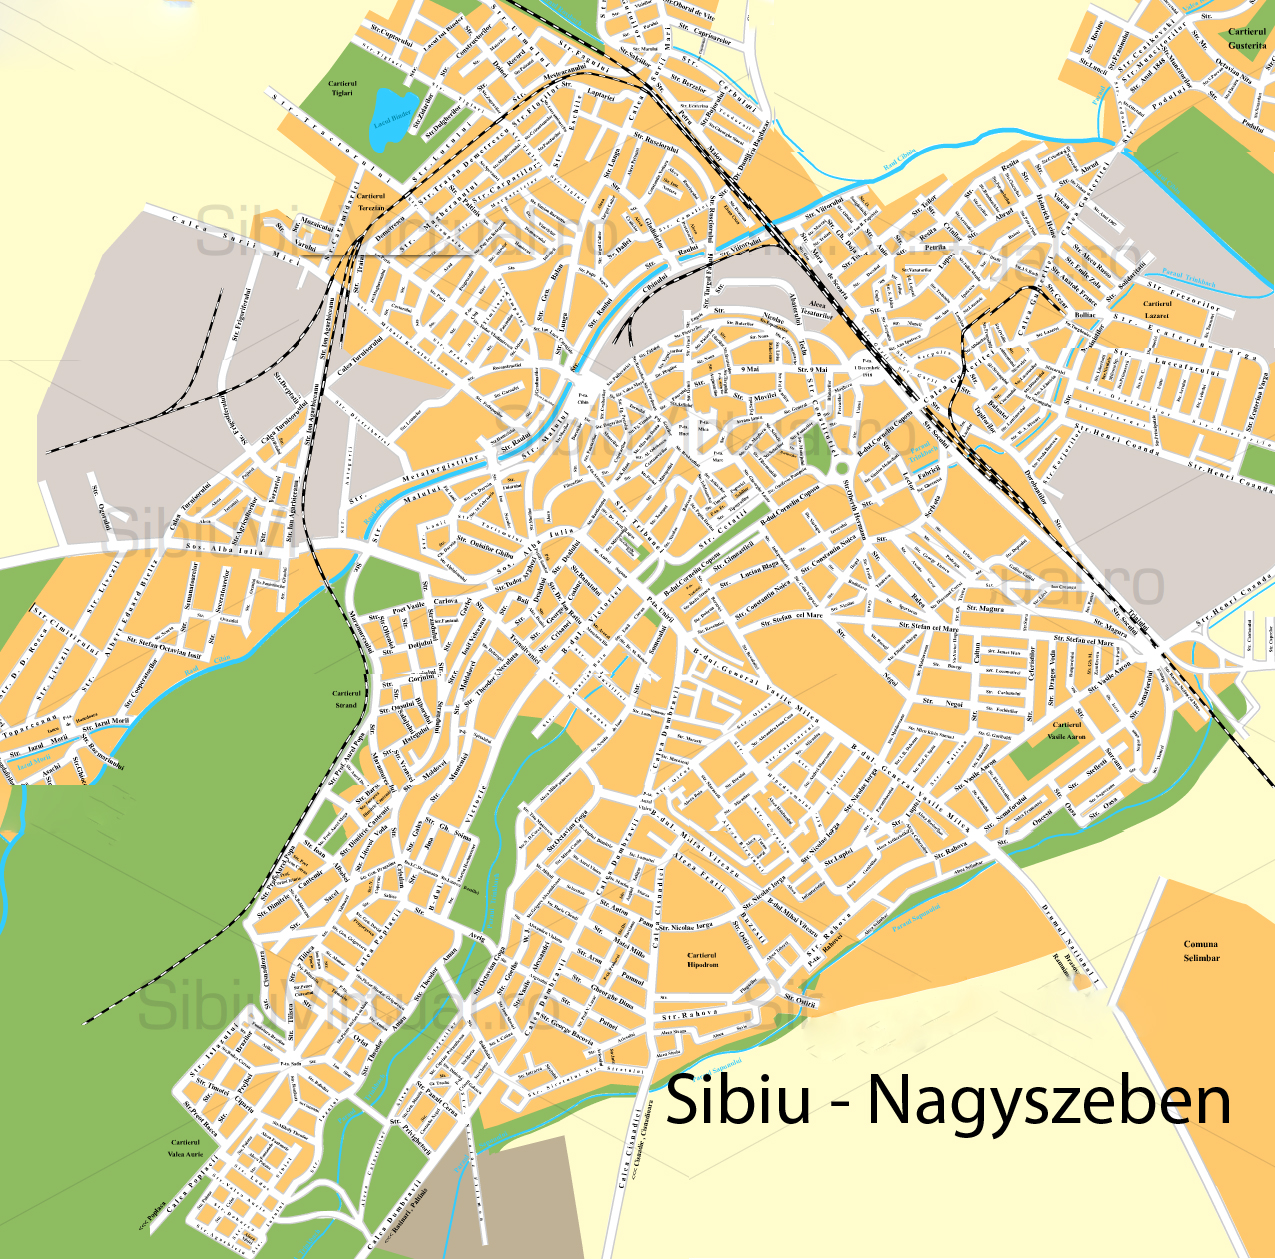 Nagyszeben turisztikai térképe - szállás